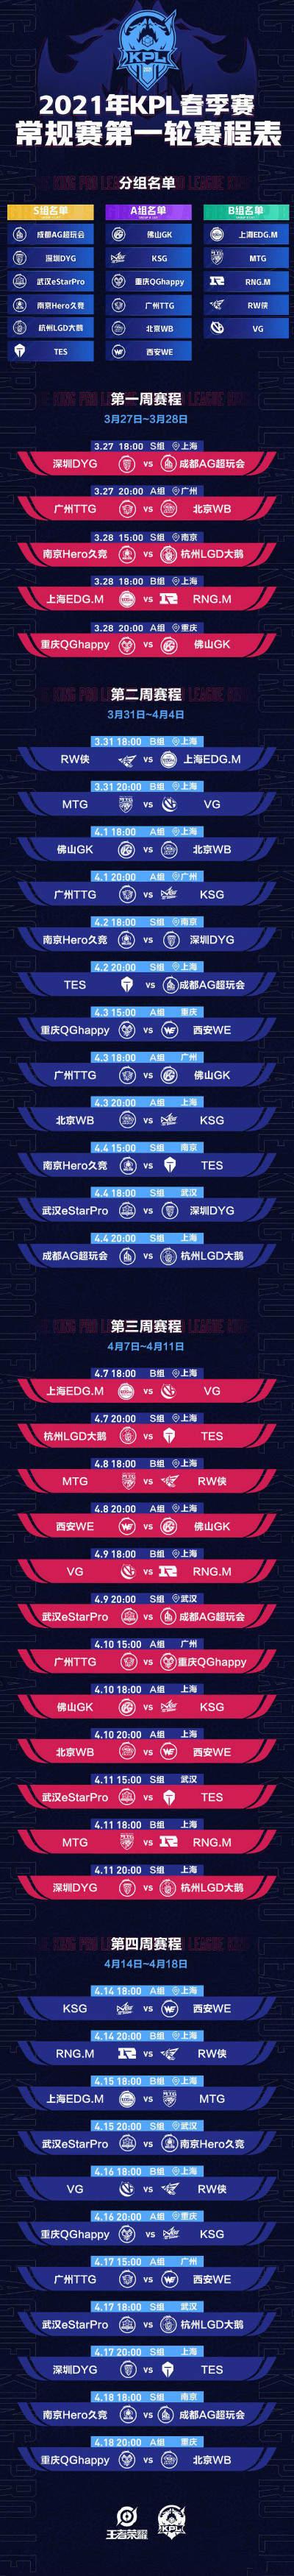 王者荣耀2021kpl春季赛常规赛赛程表-赛程时间安排